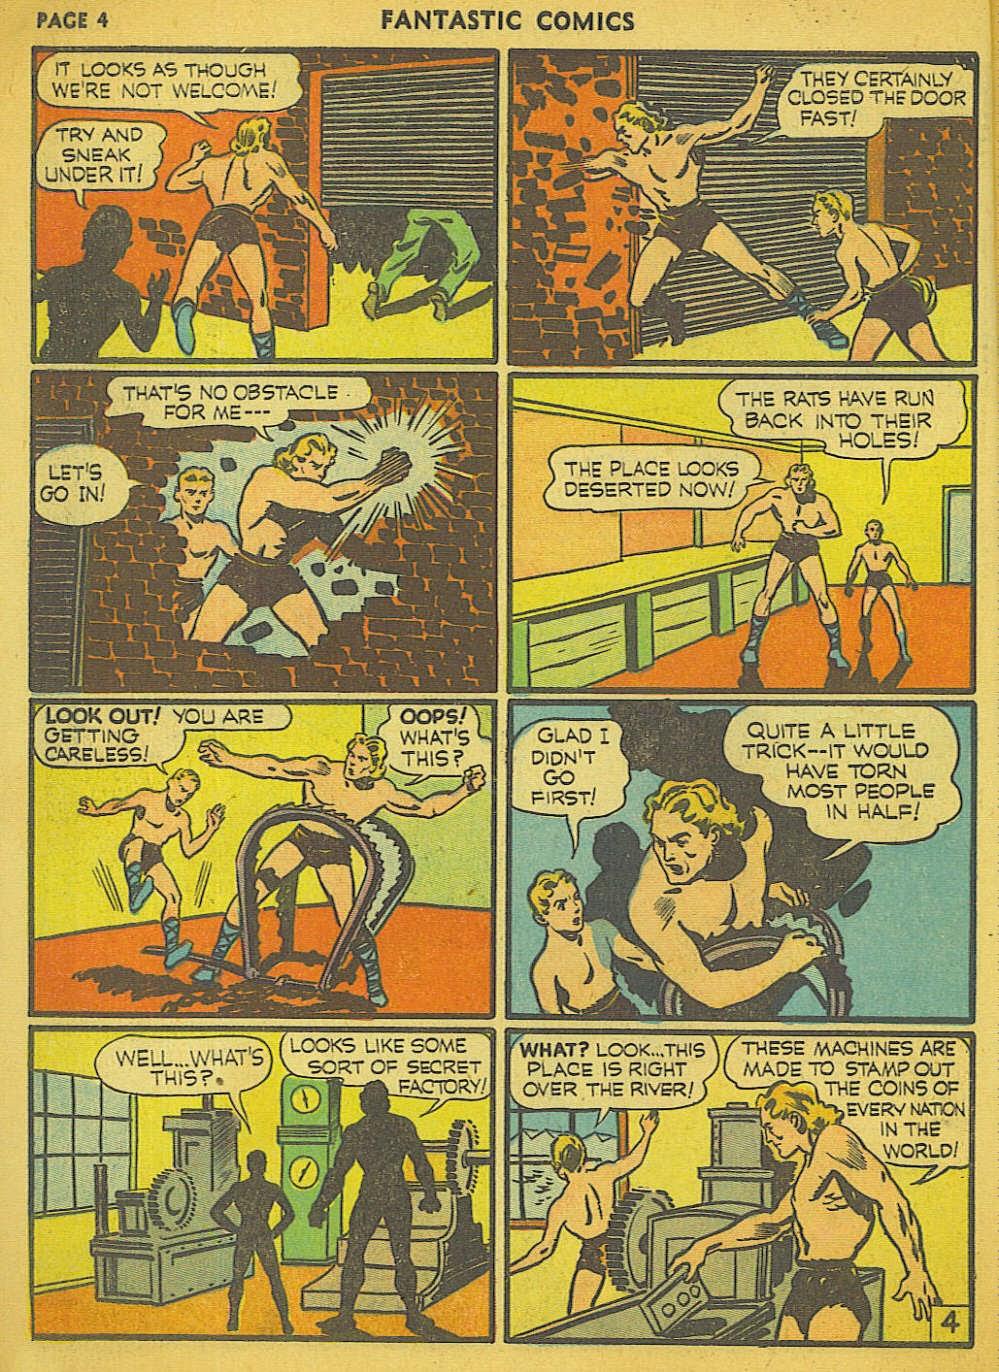 Read online Fantastic Comics comic -  Issue #15 - 33